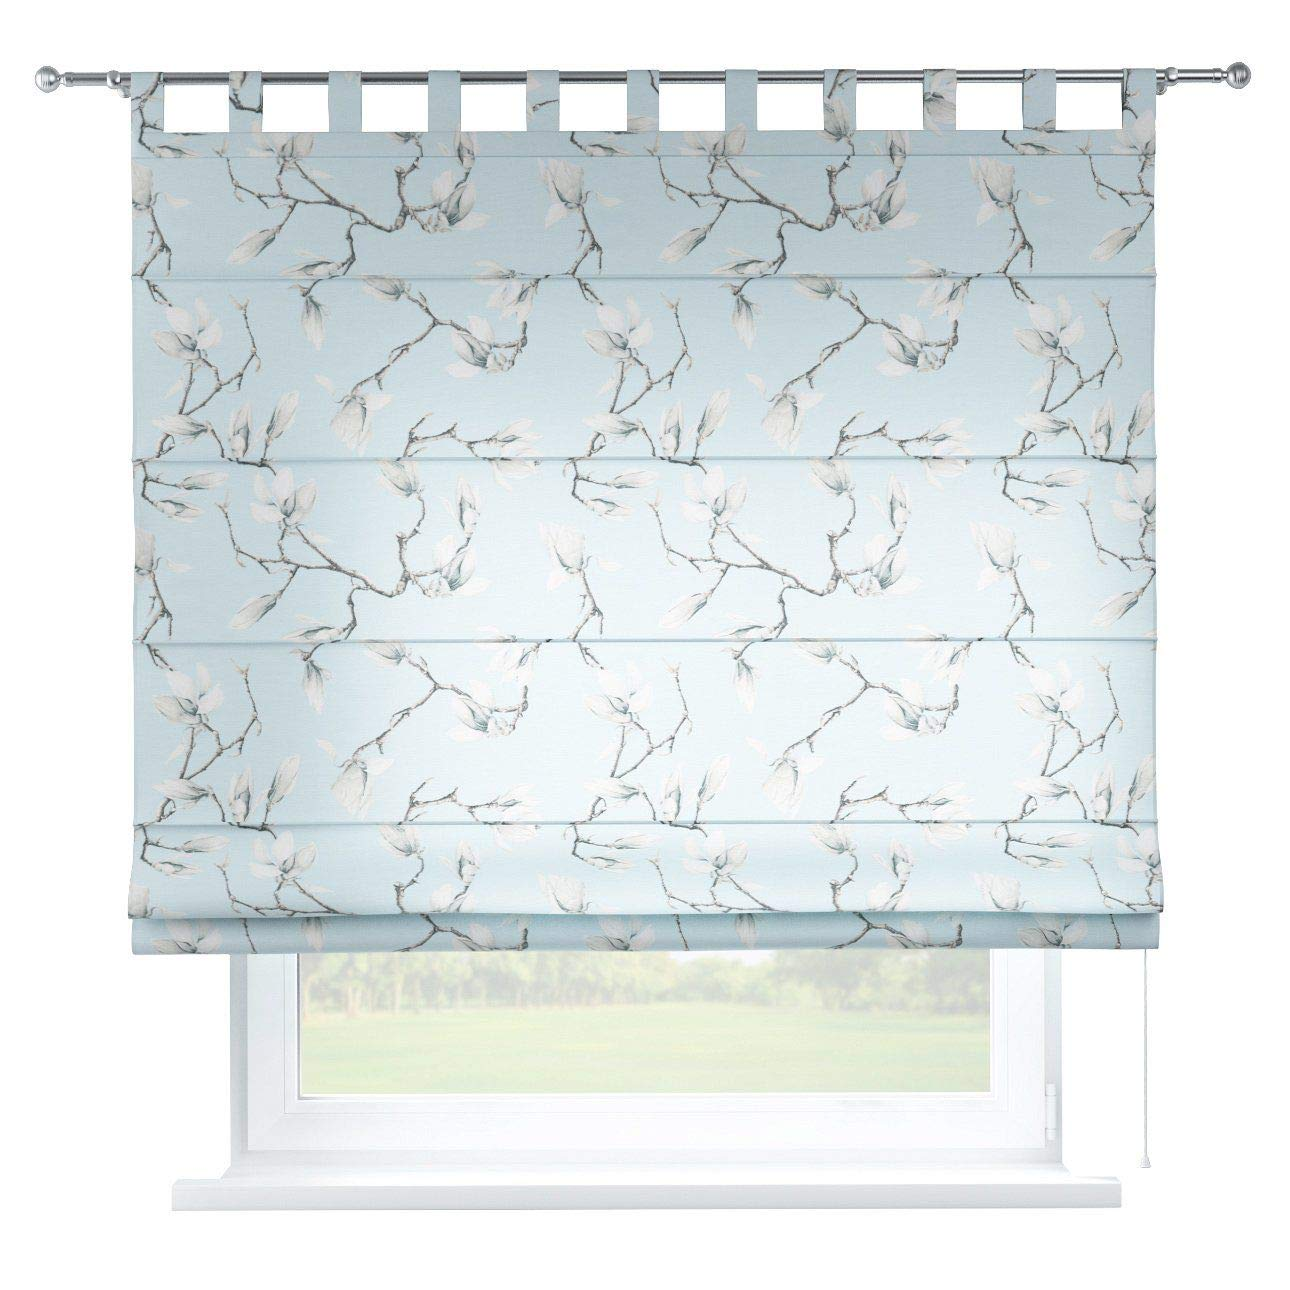 Dekoria Raffrollo Verona ohne Bohren Blickdicht Faltvorhang Raffgardine Wohnzimmer Schlafzimmer Kinderzimmer 160 × 170 cm blau Raffrollos auf Maß maßanfertigung möglich